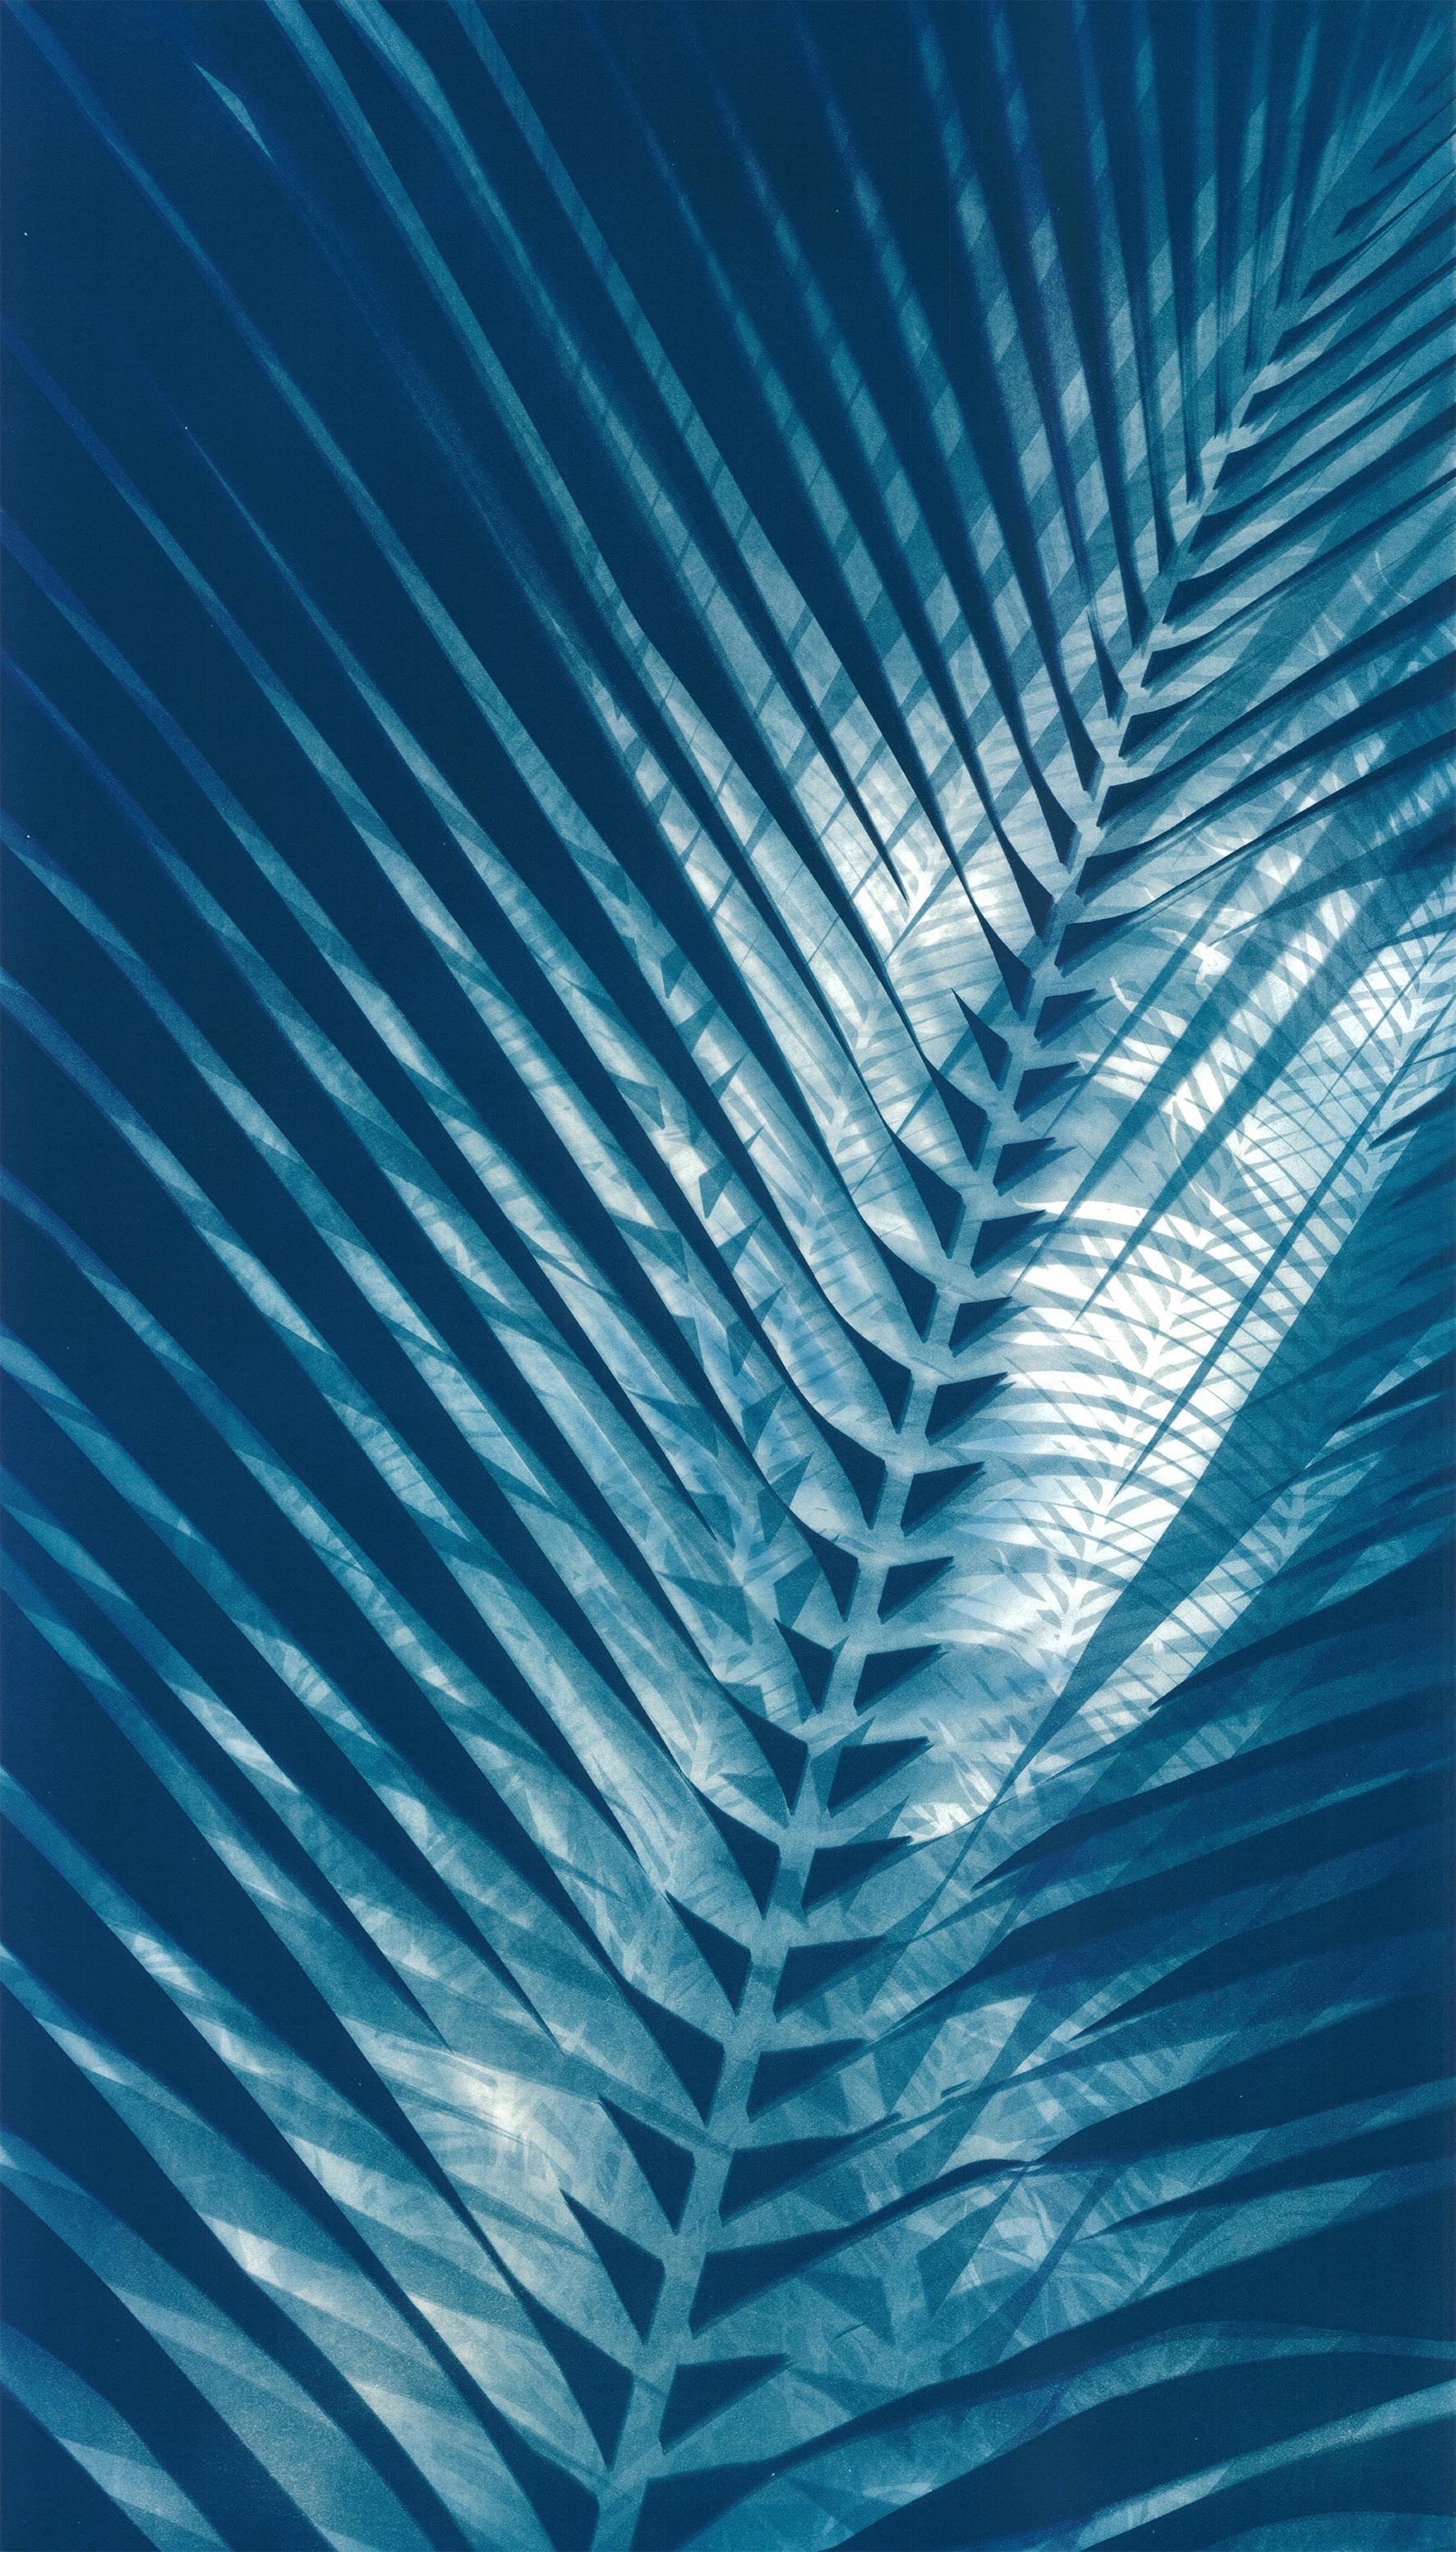 Coconut Palm II  60 x 110cm  £750